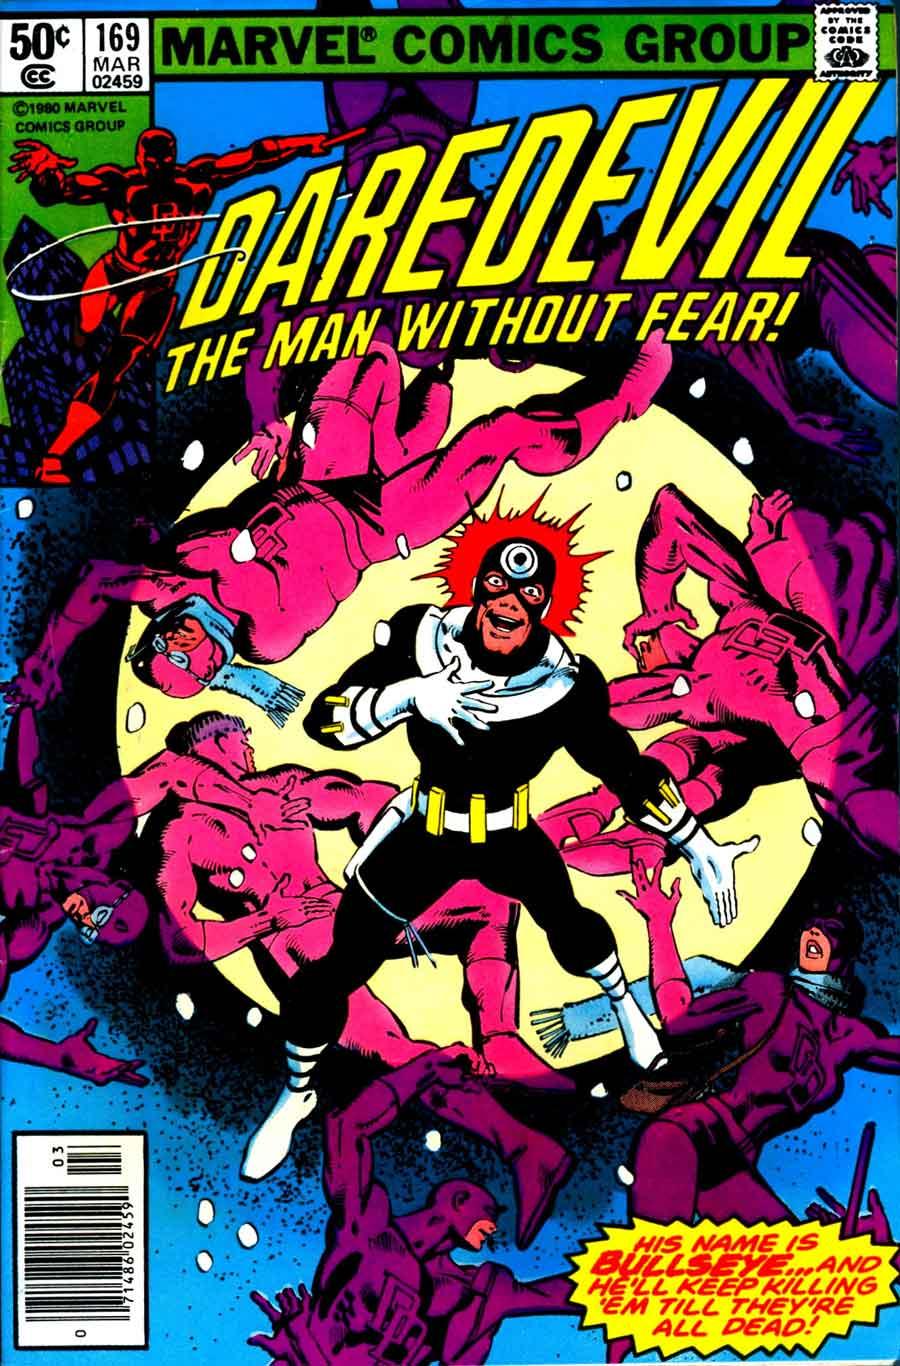 Daredevil v1 #169 bullseye marvel comic book cover art by Frank Miller